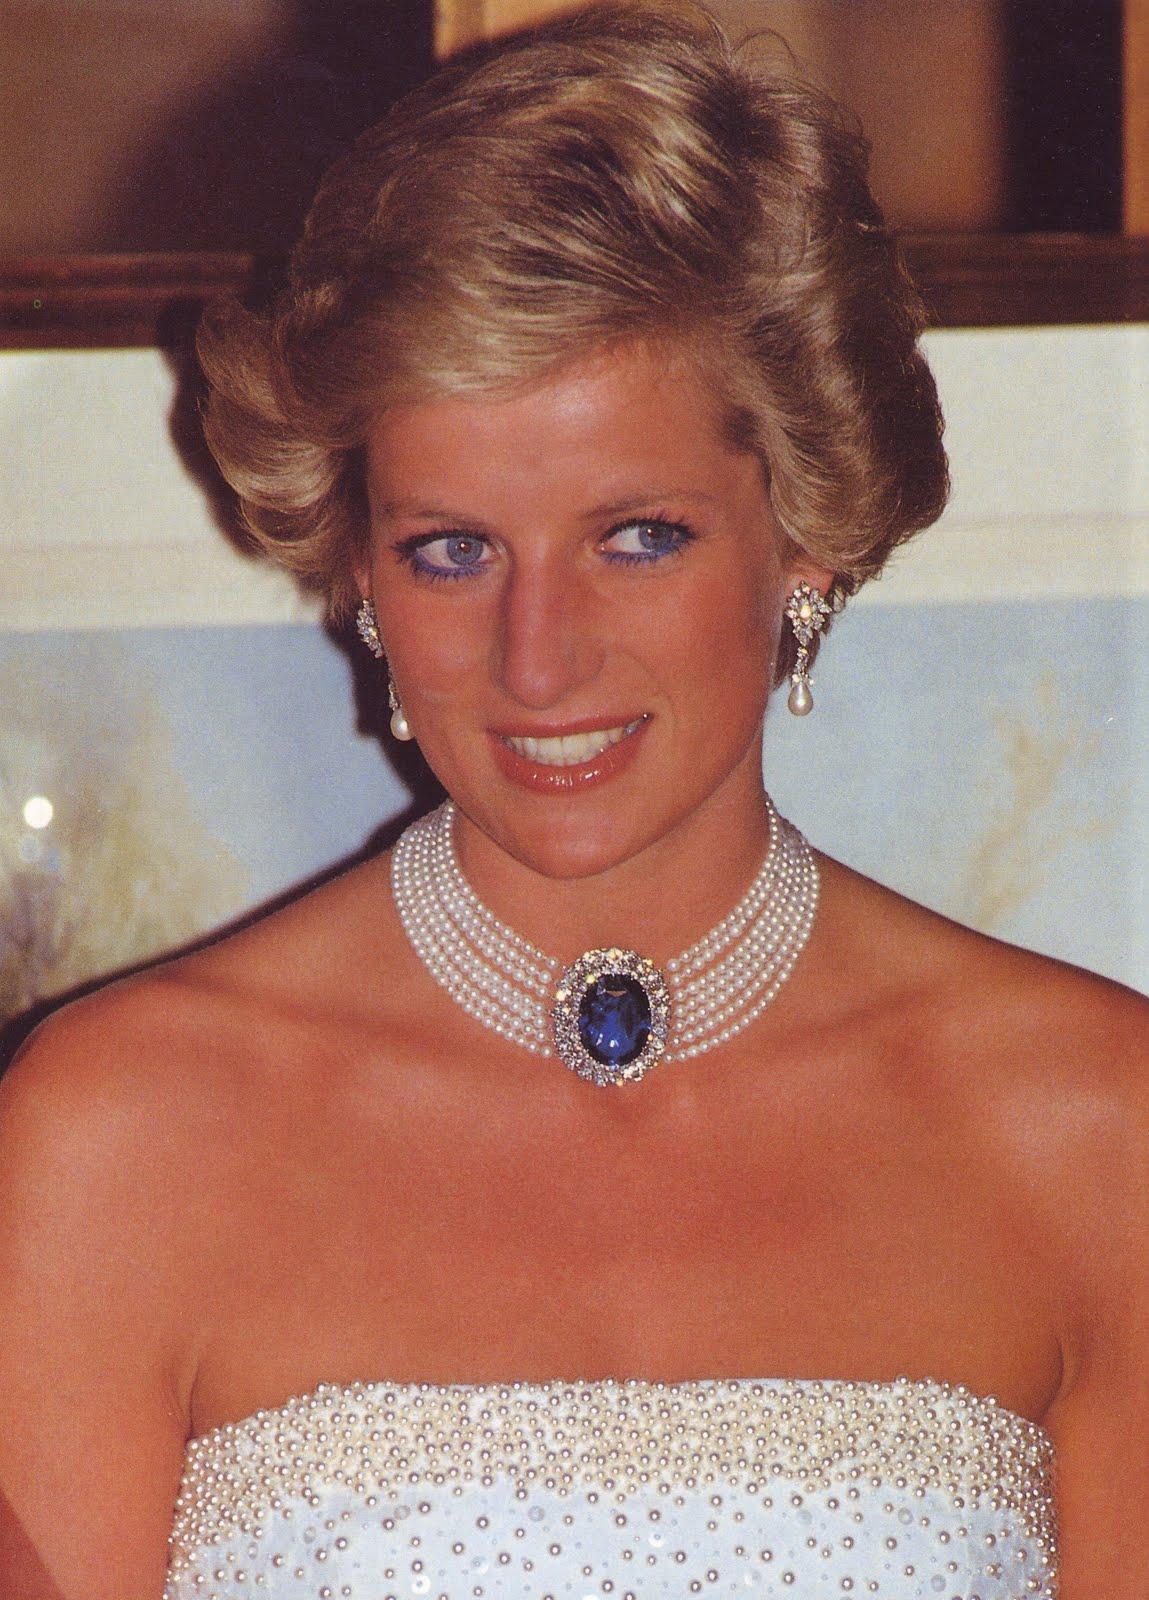 http://4.bp.blogspot.com/-ubxJMh8Aig4/TaoNWv8x-oI/AAAAAAAAC_s/tjpgvpsseV4/s1600/gracie+jewellery+diana+princess+of+wales+sapphire+pearl+chooker.jpg